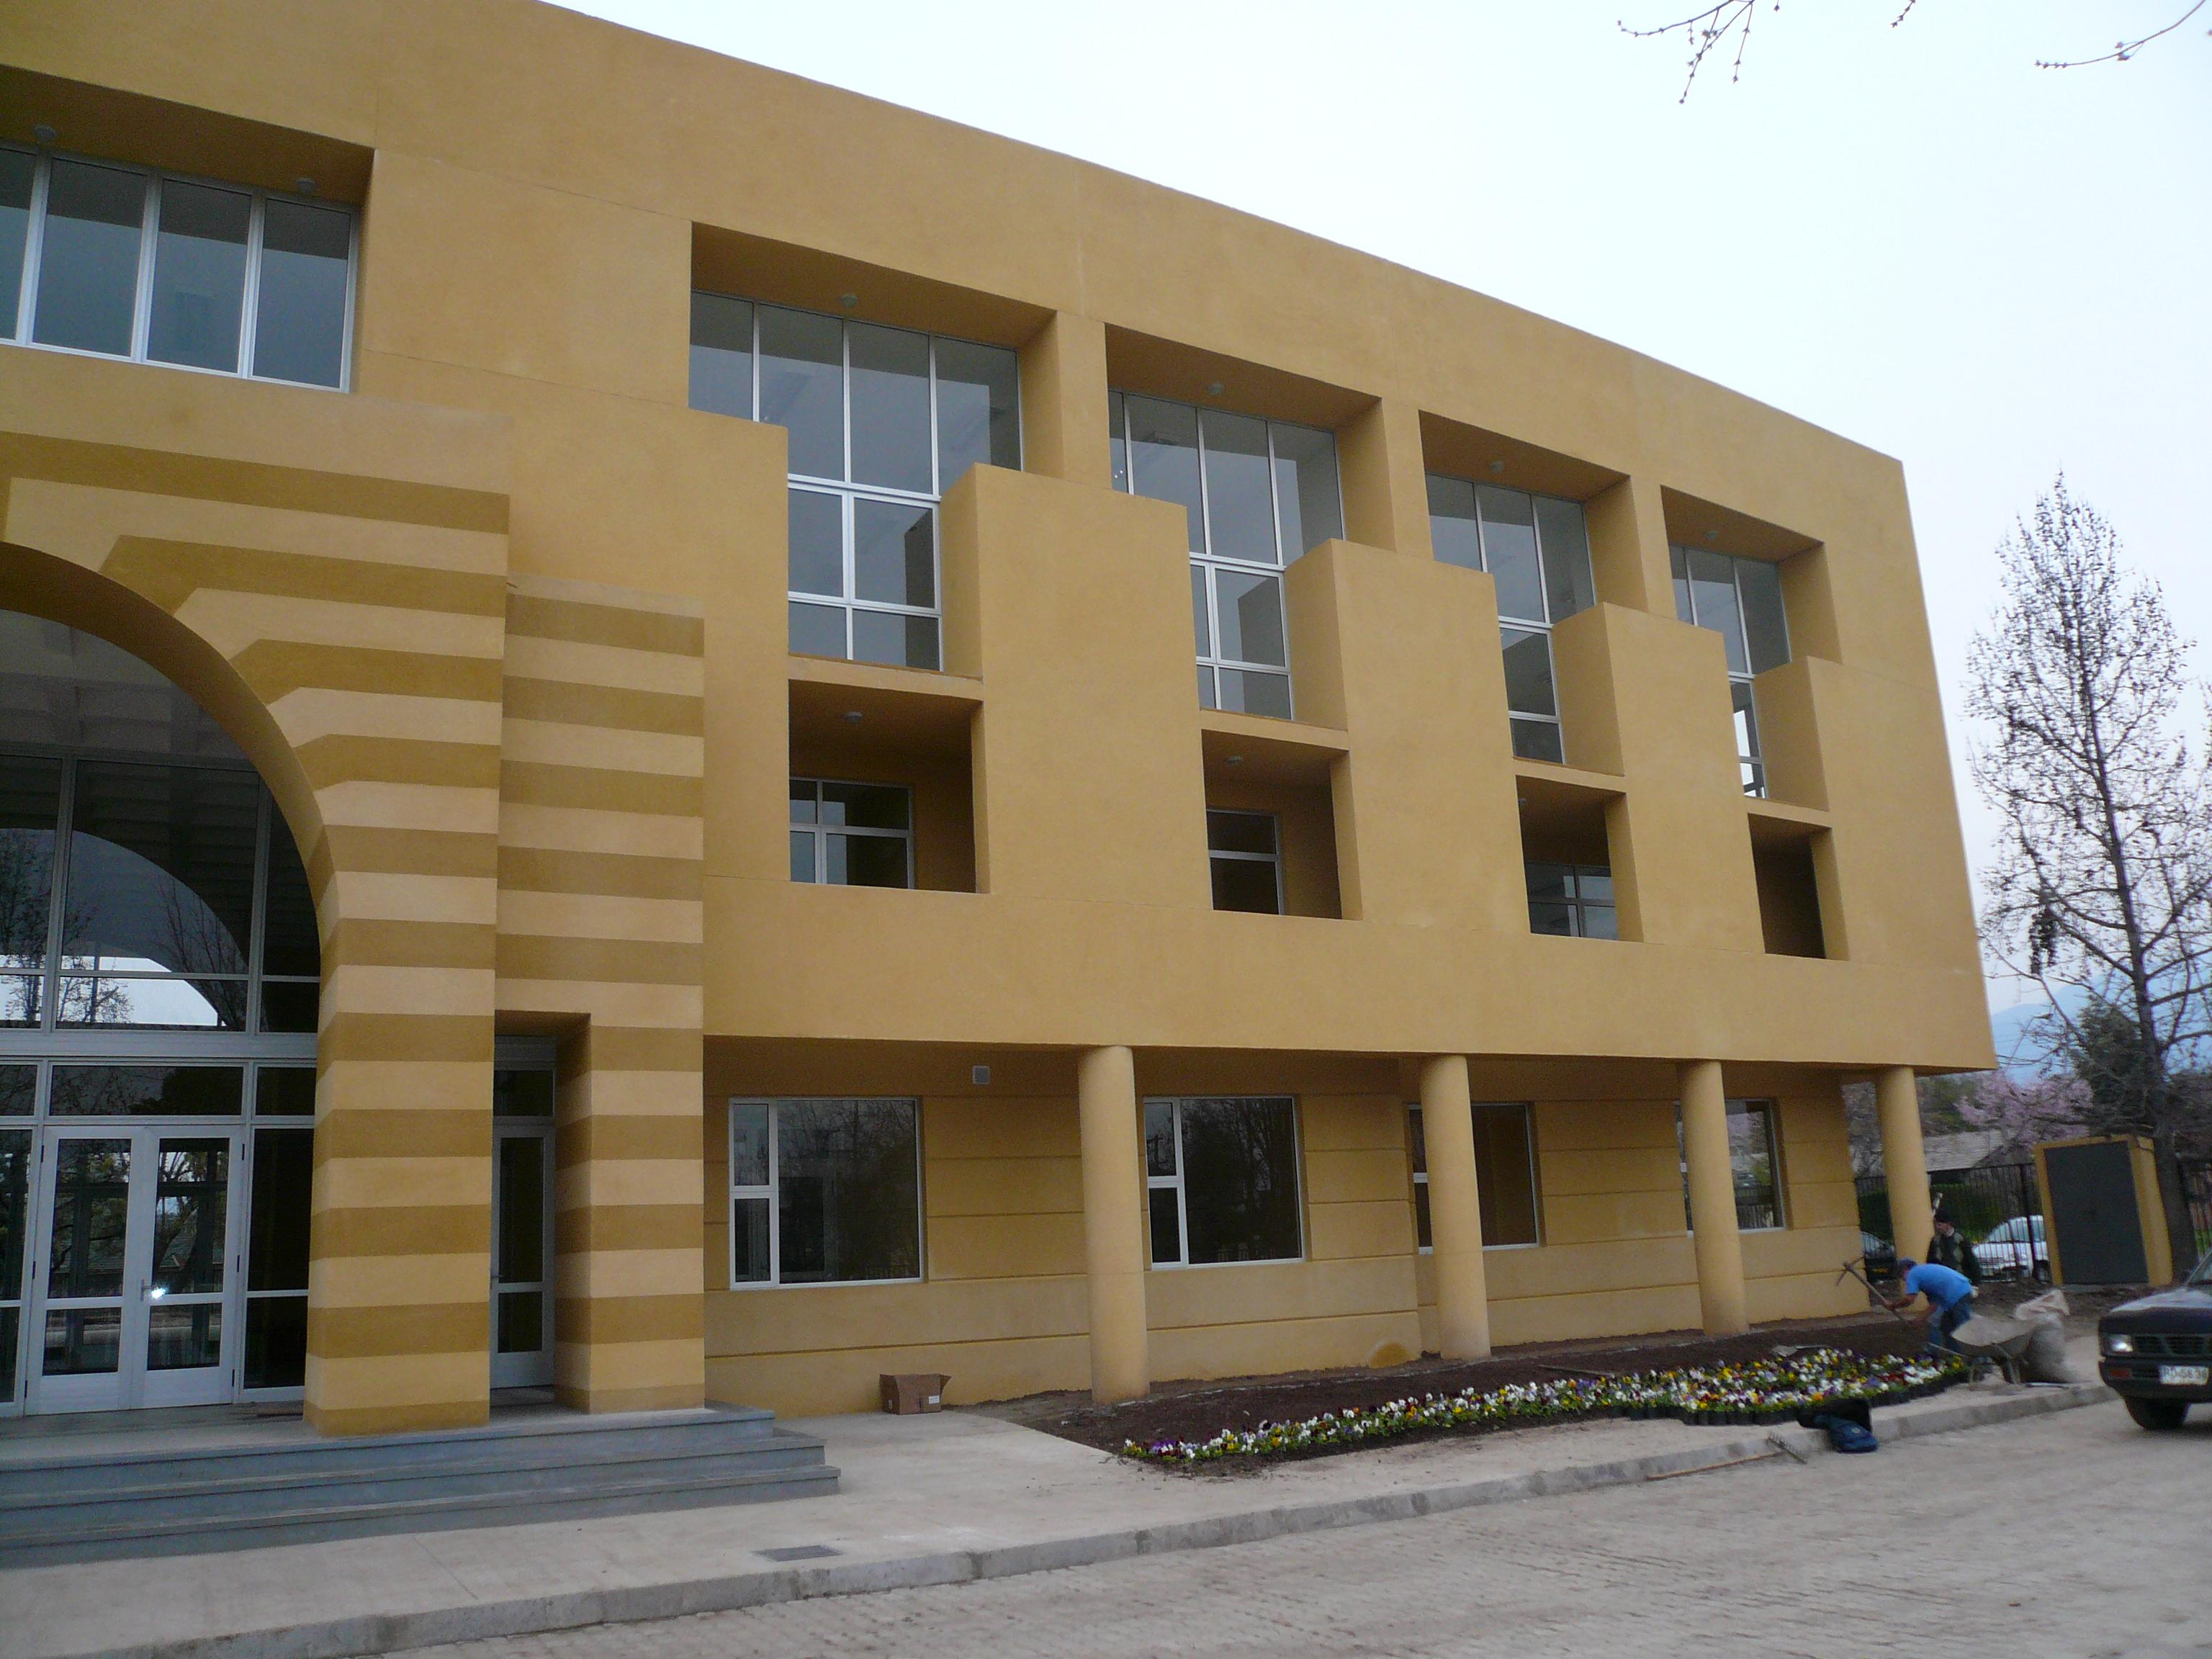 Colegio República de Siria, Ñuñoa